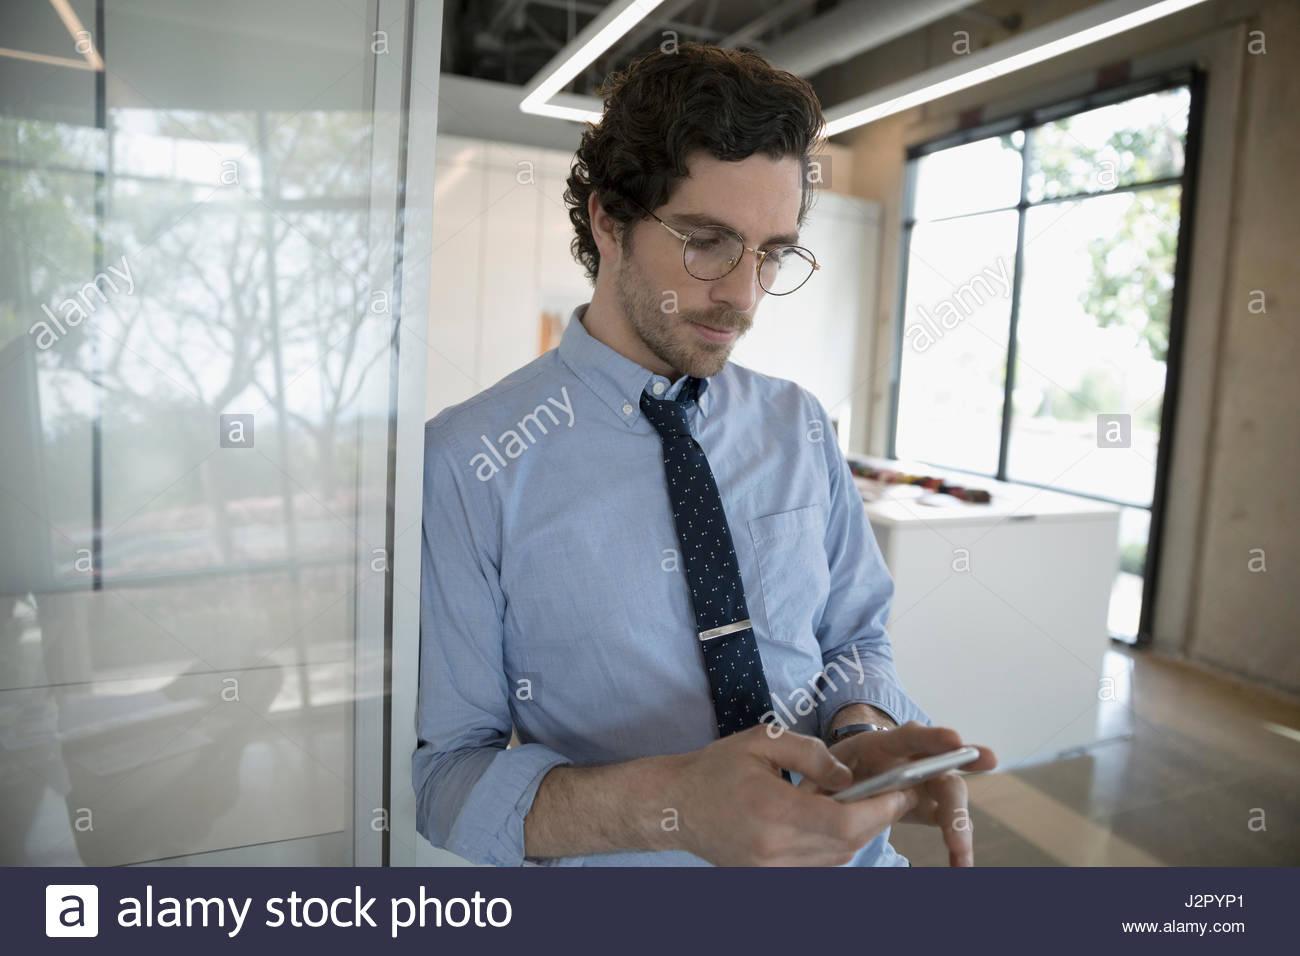 Empresario texto con teléfonos inteligentes en la sala Imagen De Stock